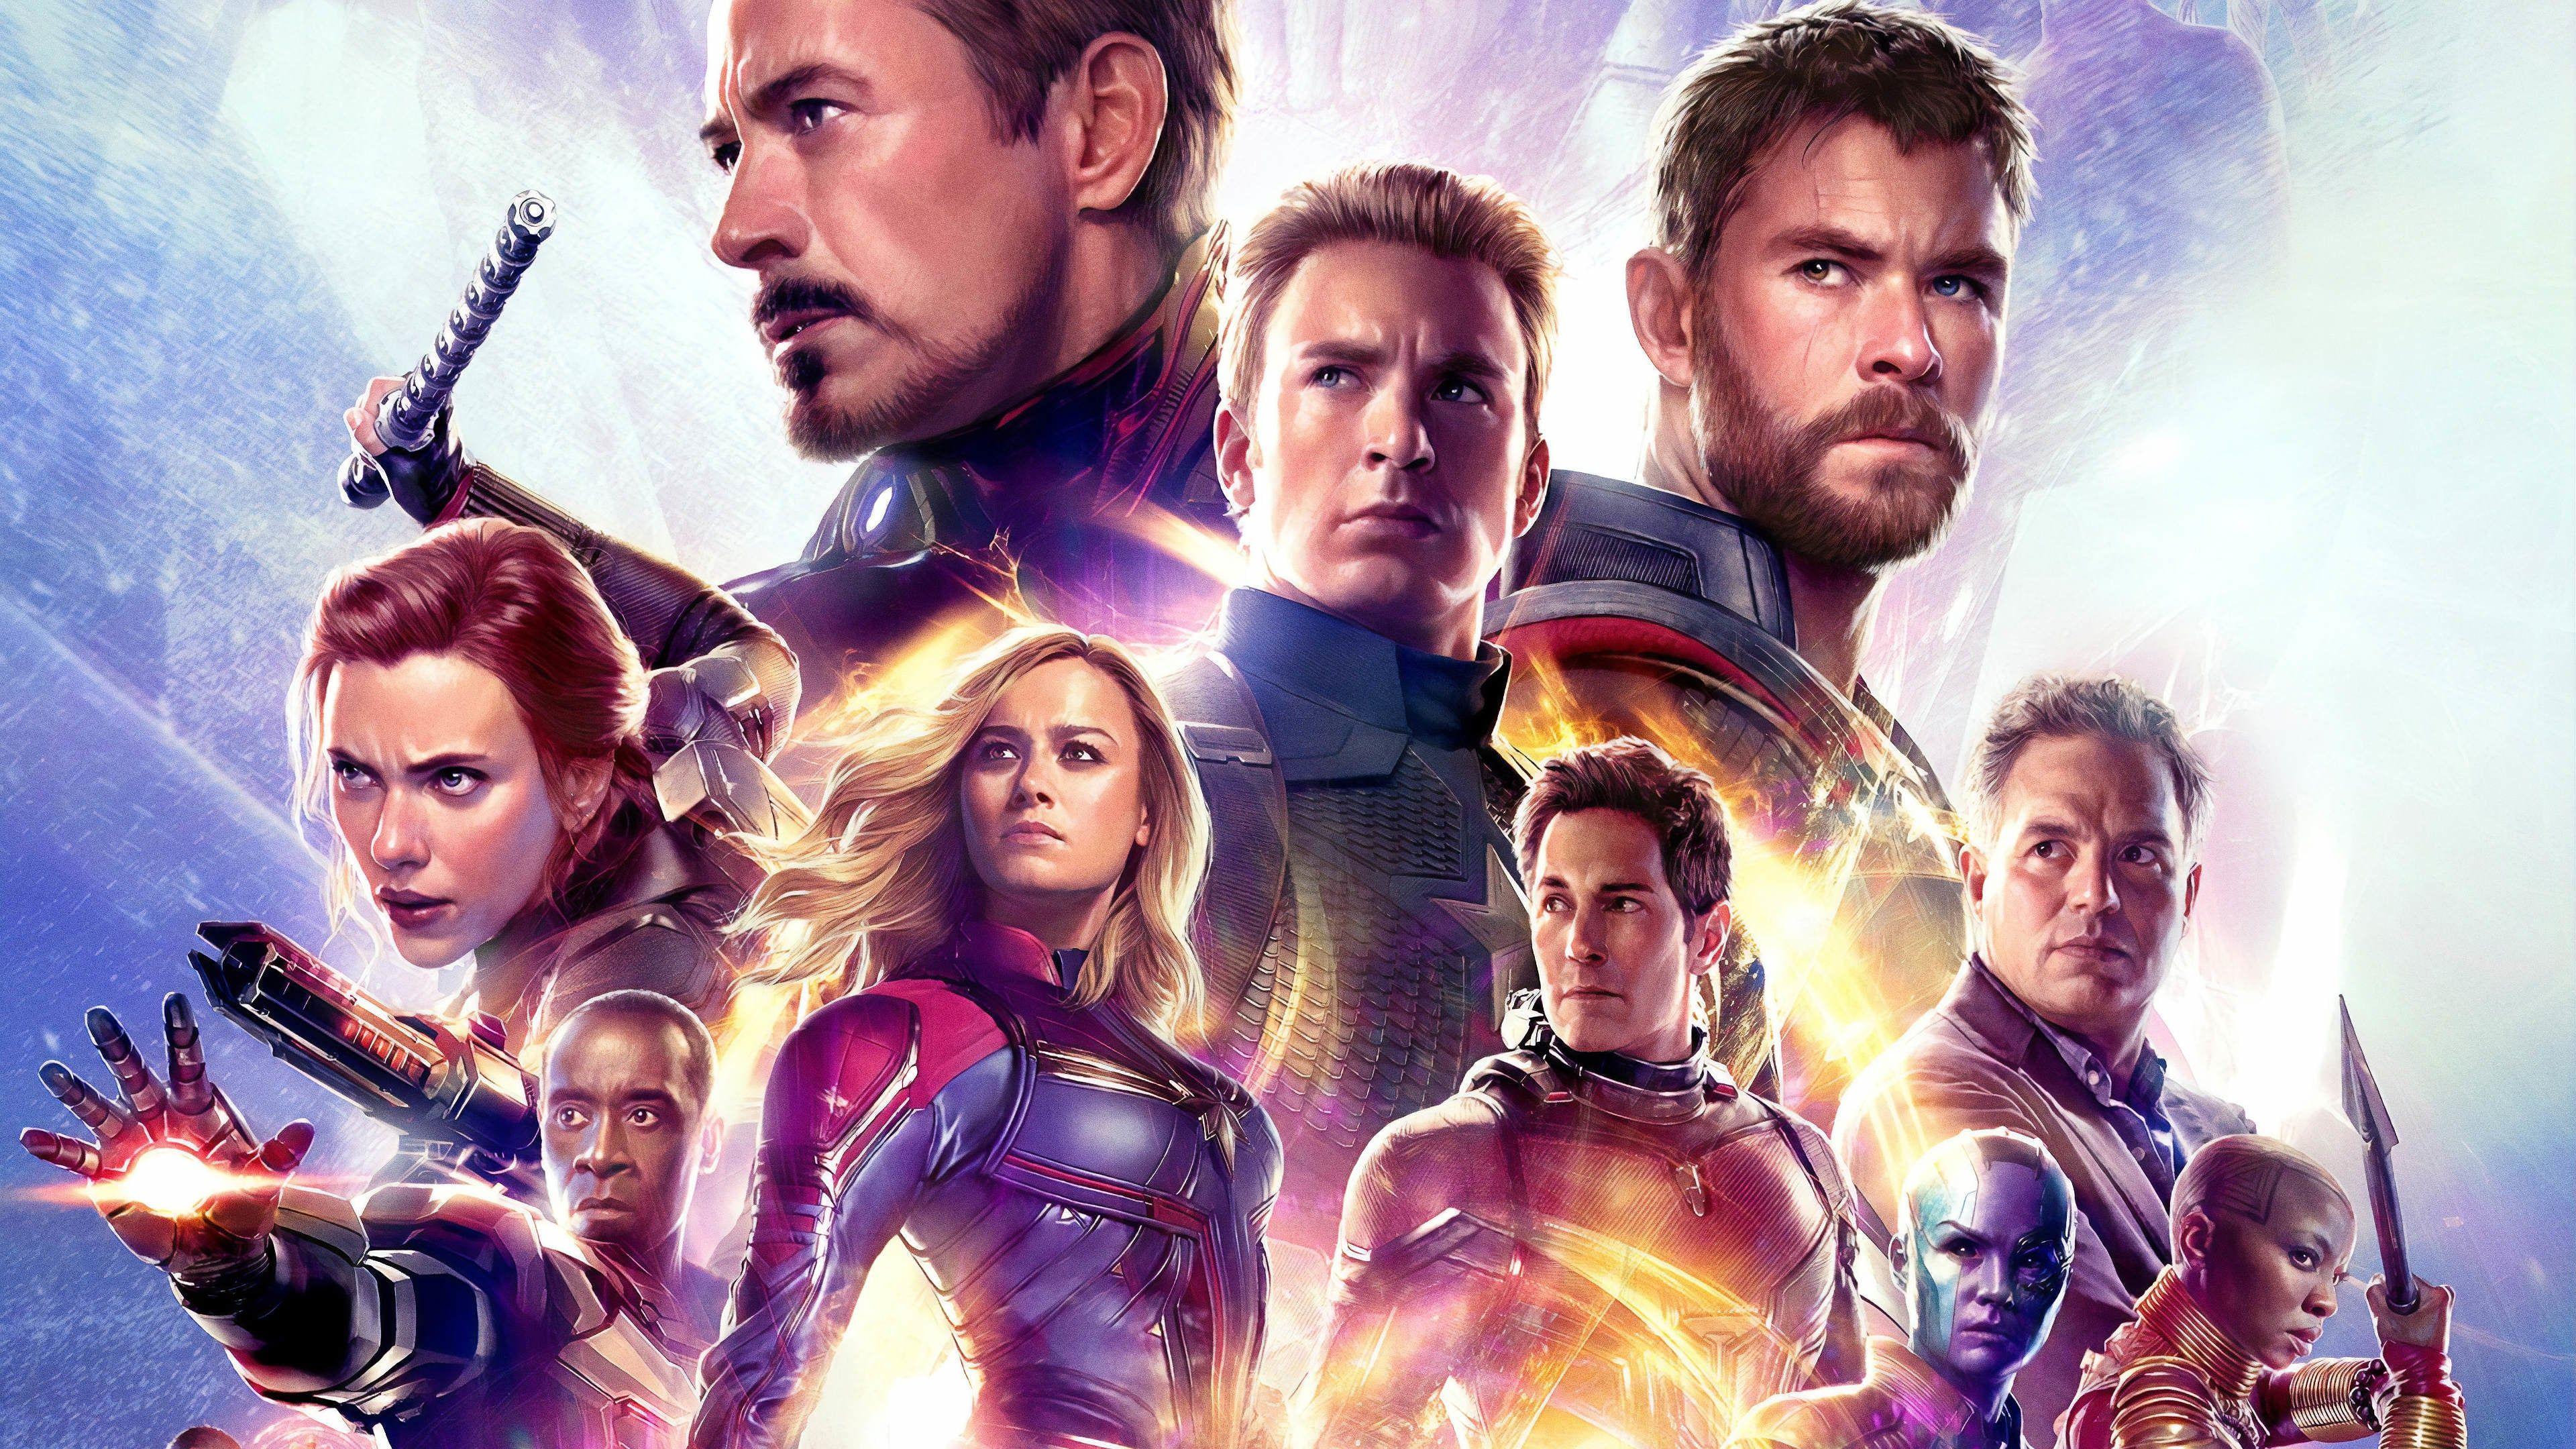 Avengers Endgame 2019 Streaming Ita Cb01 Film Completo Italiano Altadefinizione Basato Sul Gruppo Di Supereroi Dei Vendicatori Di Marv Marvel Bruce Banner Guy